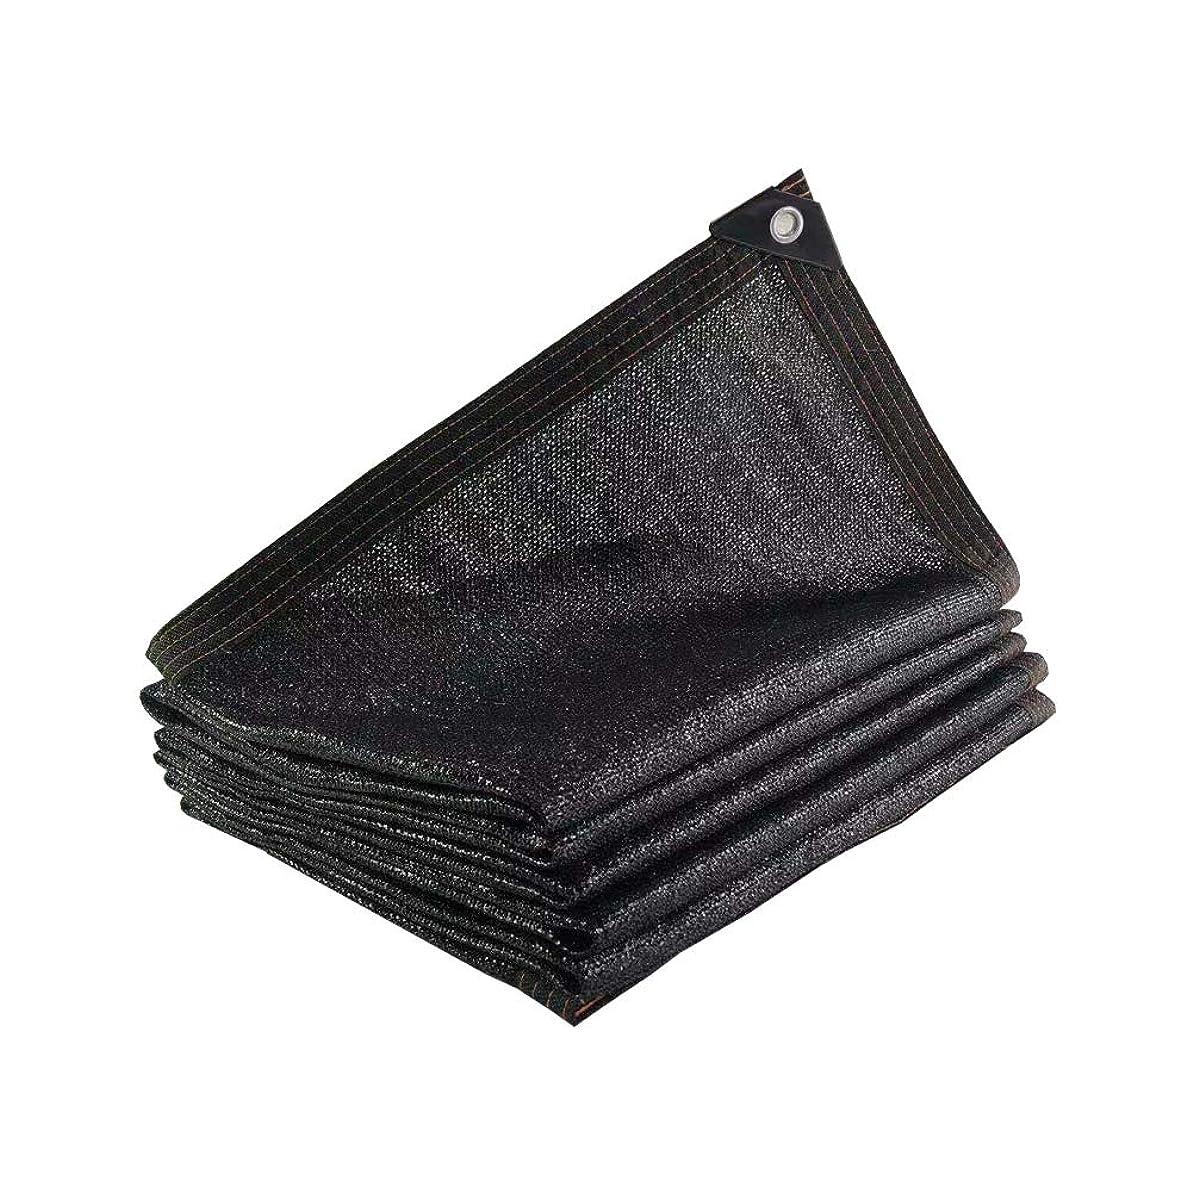 ピック本物接辞PeiQiH 95% グロメットで 日焼け止めシェードメッシュ,ブラック サンシェードクロス 耐紫外線,農業用遮光ネット 反-老化 用 温室 フラワーズ パティオ ブラック 3x5m(9.8x16ft)